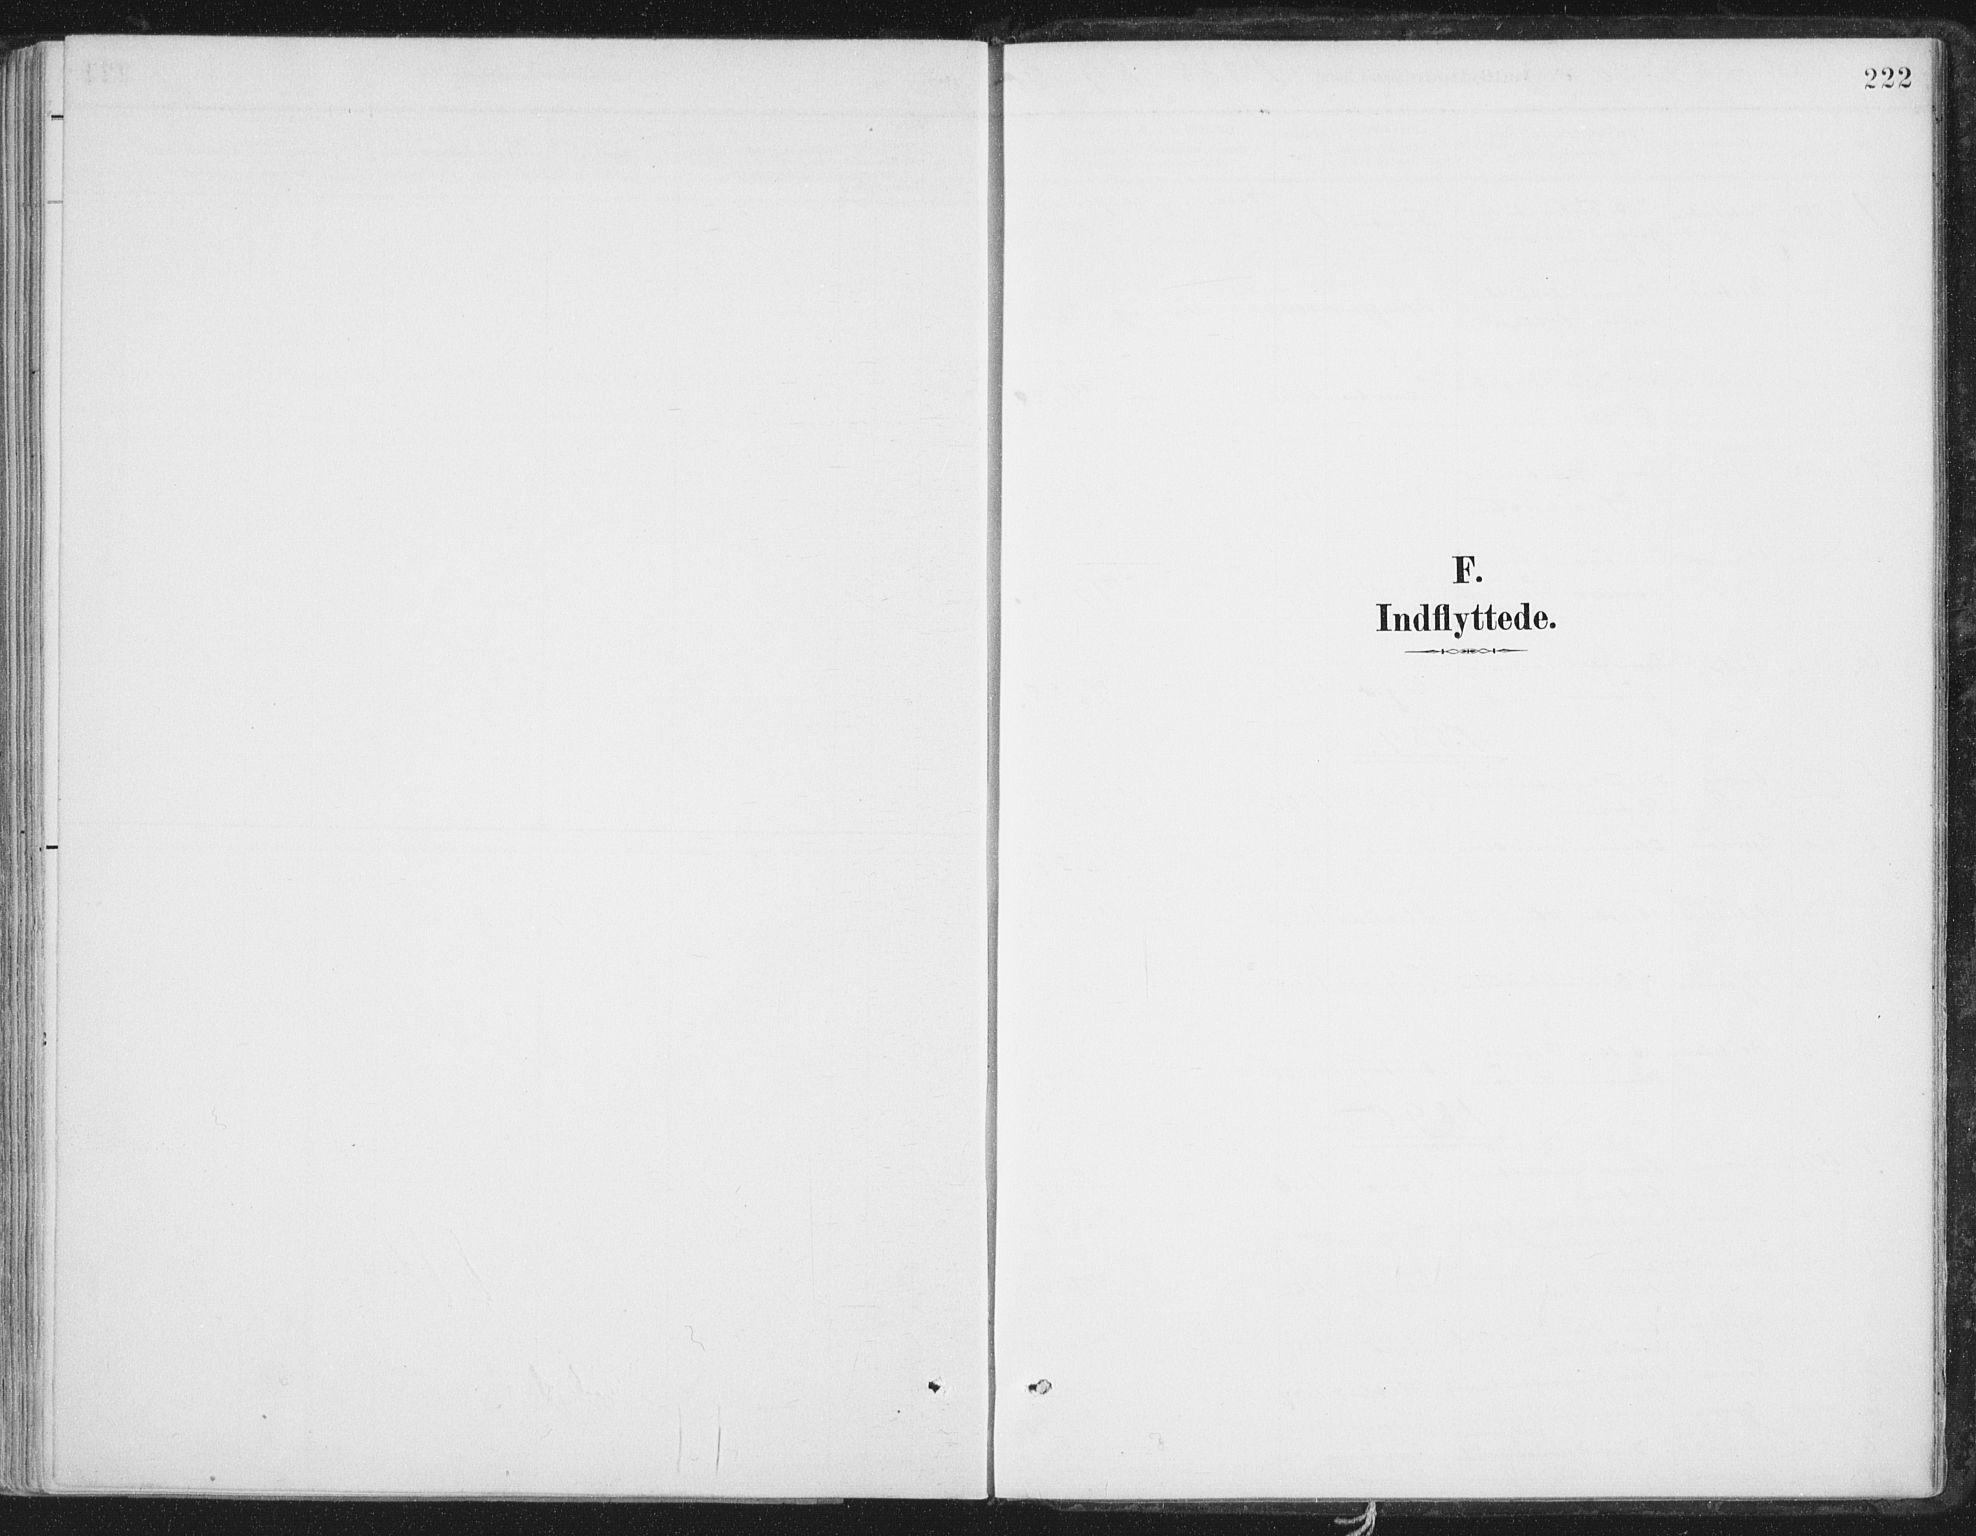 SAT, Ministerialprotokoller, klokkerbøker og fødselsregistre - Nord-Trøndelag, 786/L0687: Ministerialbok nr. 786A03, 1888-1898, s. 222